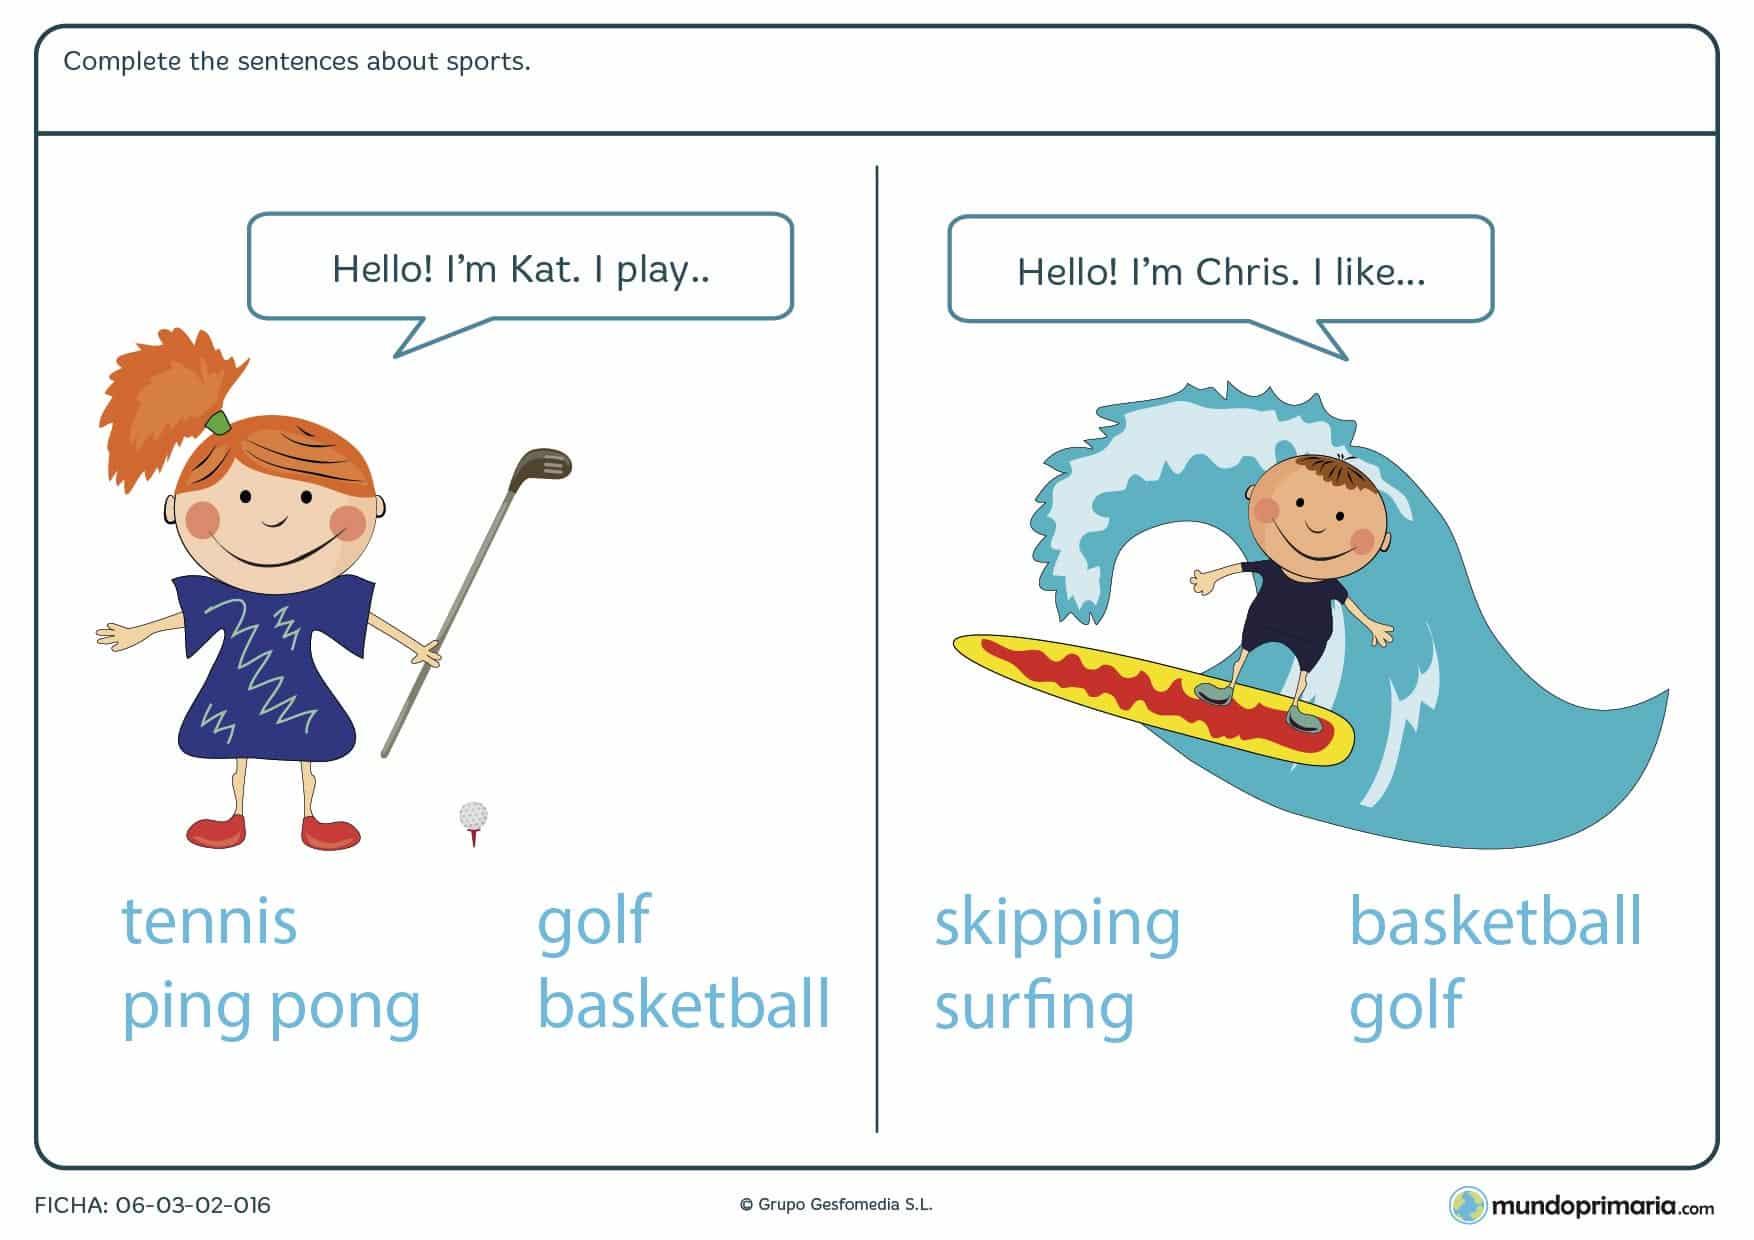 Ficha de inglés about sports para alumnos de 4º de Primaria que quieran repasar el vocabulario de esta temática con actividades adecuadas a su edad.